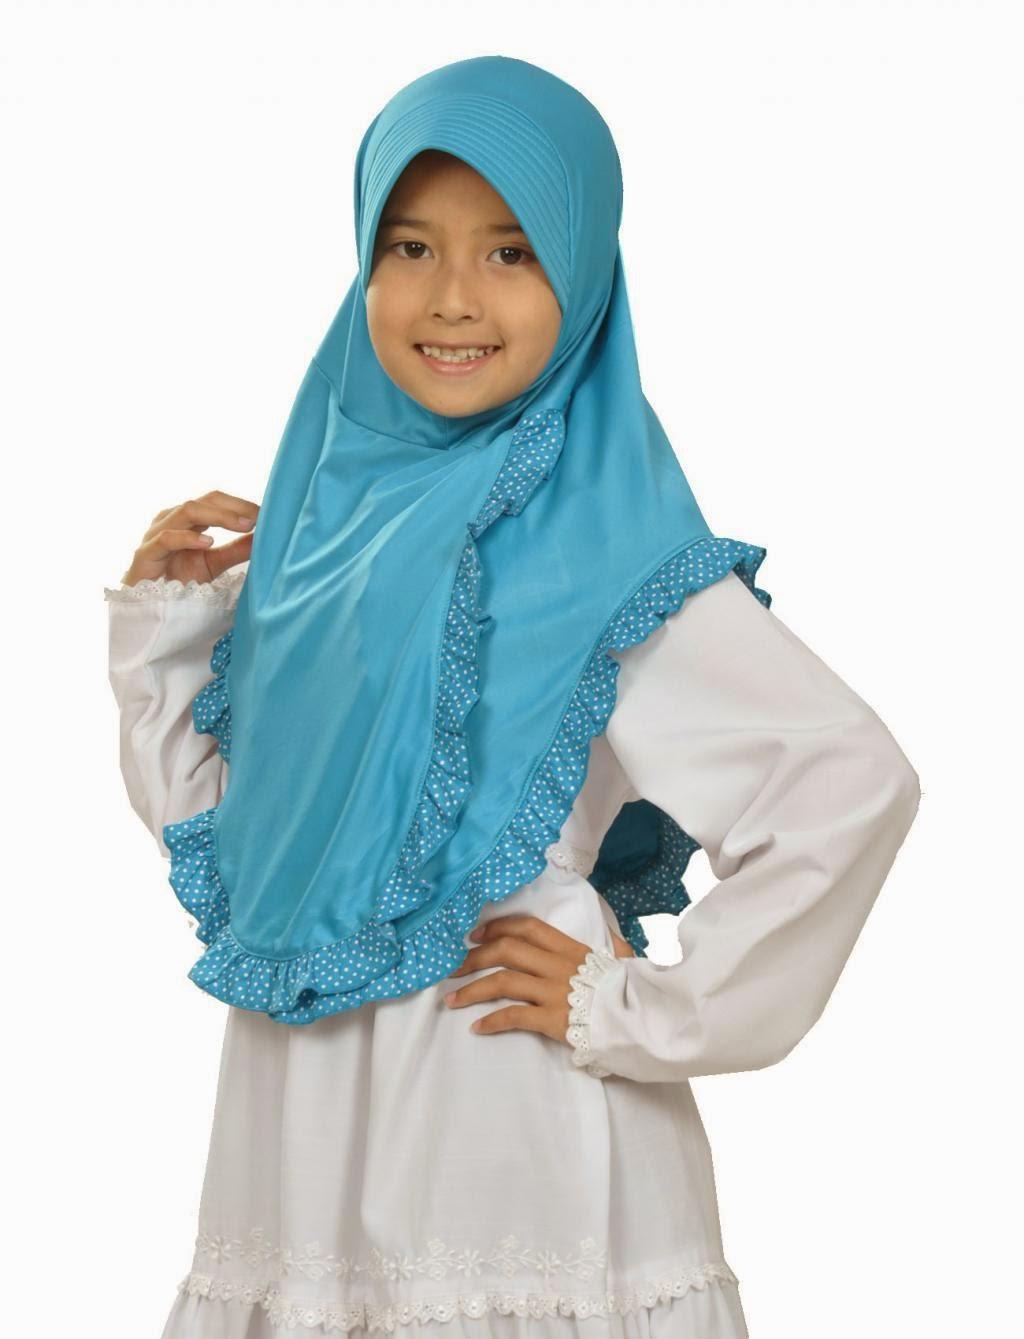 Hijab Farah Olshop : Jilbab Anak Elthof Aurel